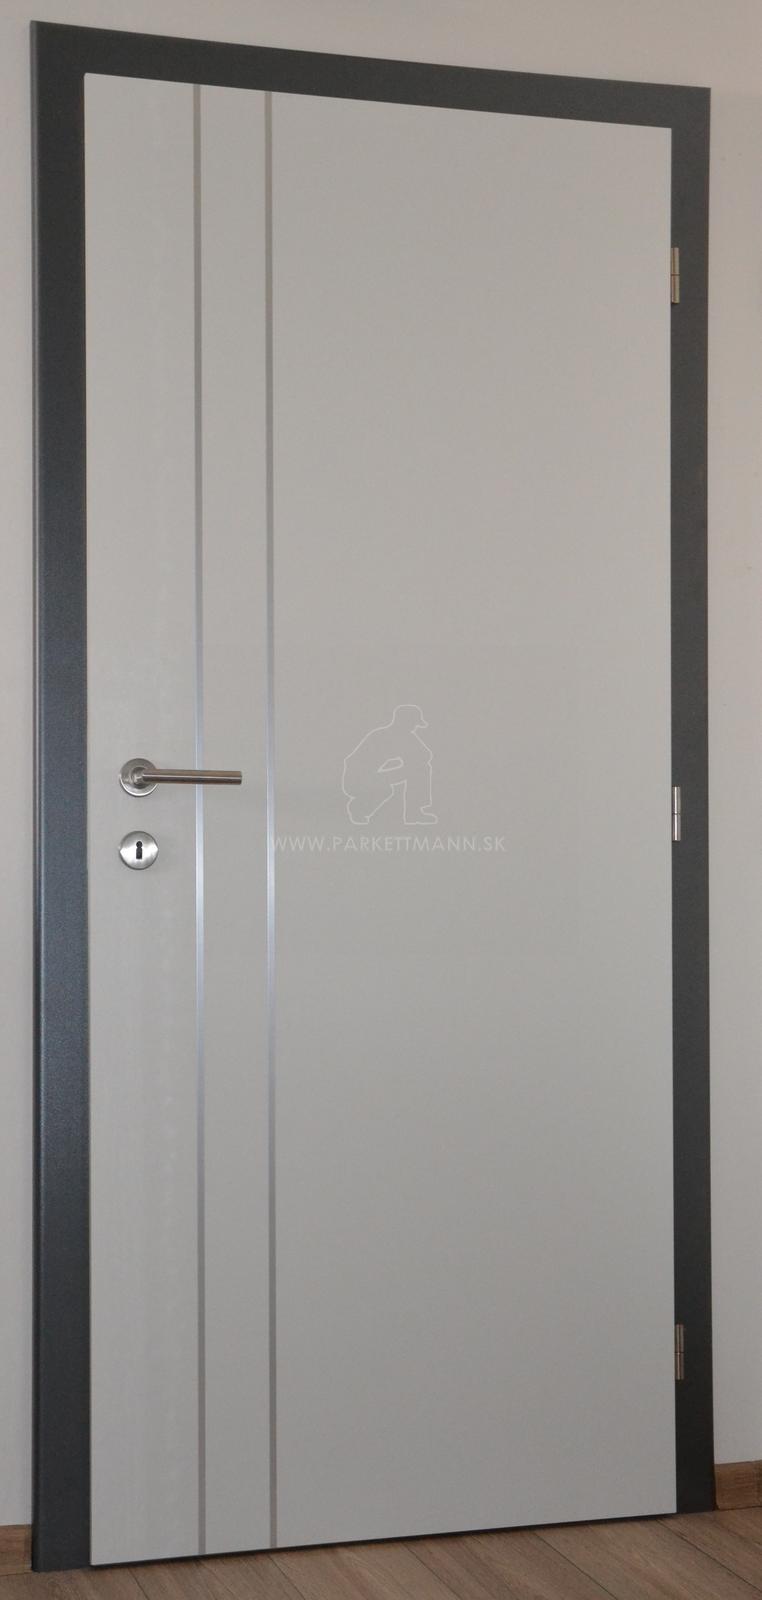 Z našich realizácií : CPL interiérové dvere - Obrázok č. 1